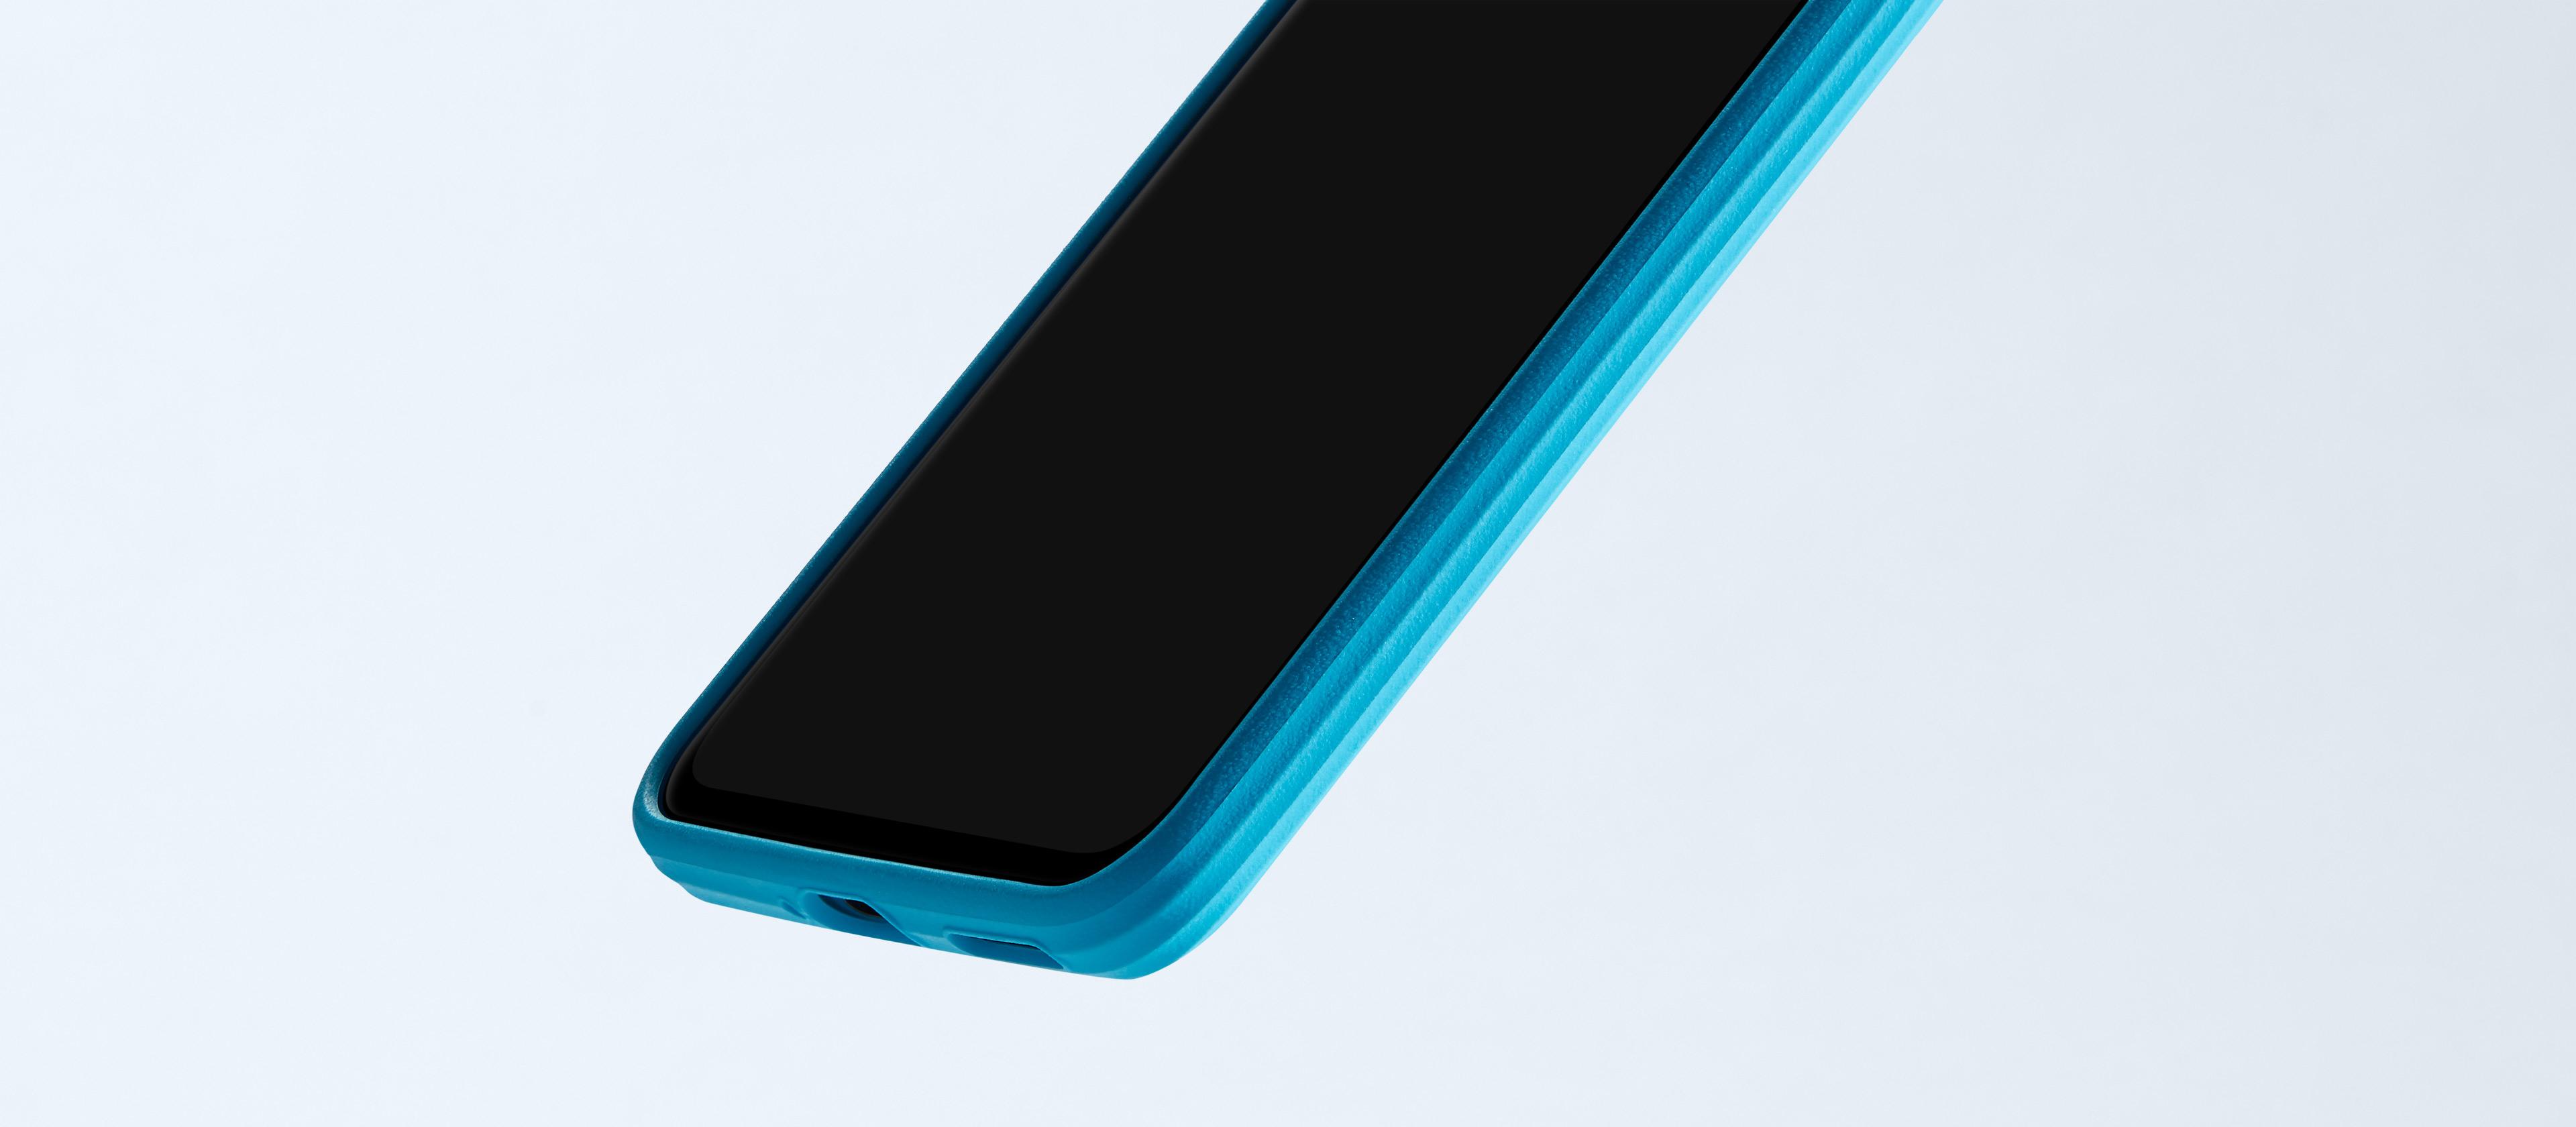 OnePlus_Nord_Sandstone_Bumper_Case-03.jpg